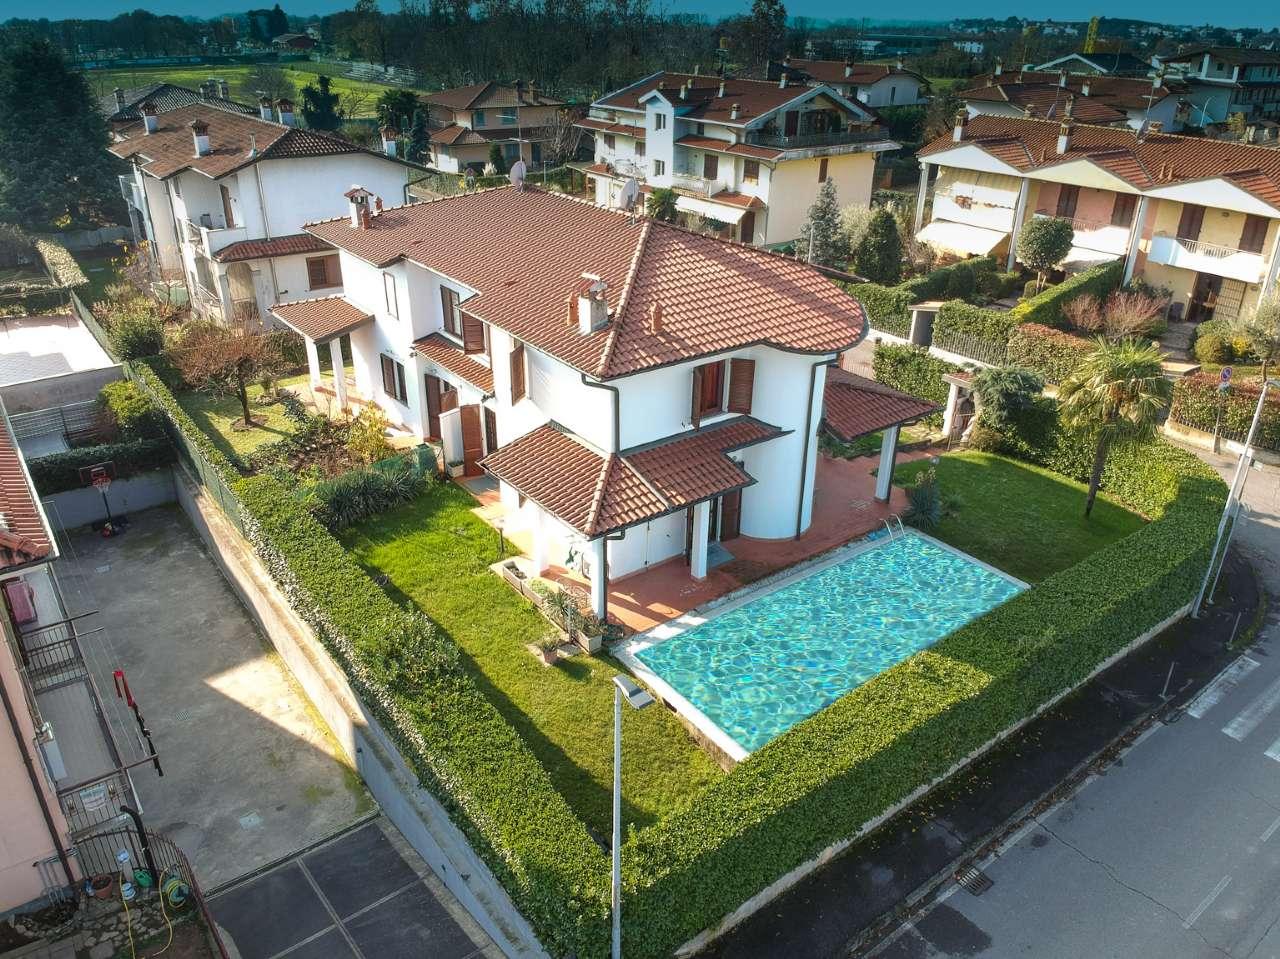 Villa Bifamiliare in vendita a Boltiere, 5 locali, prezzo € 335.000 | PortaleAgenzieImmobiliari.it